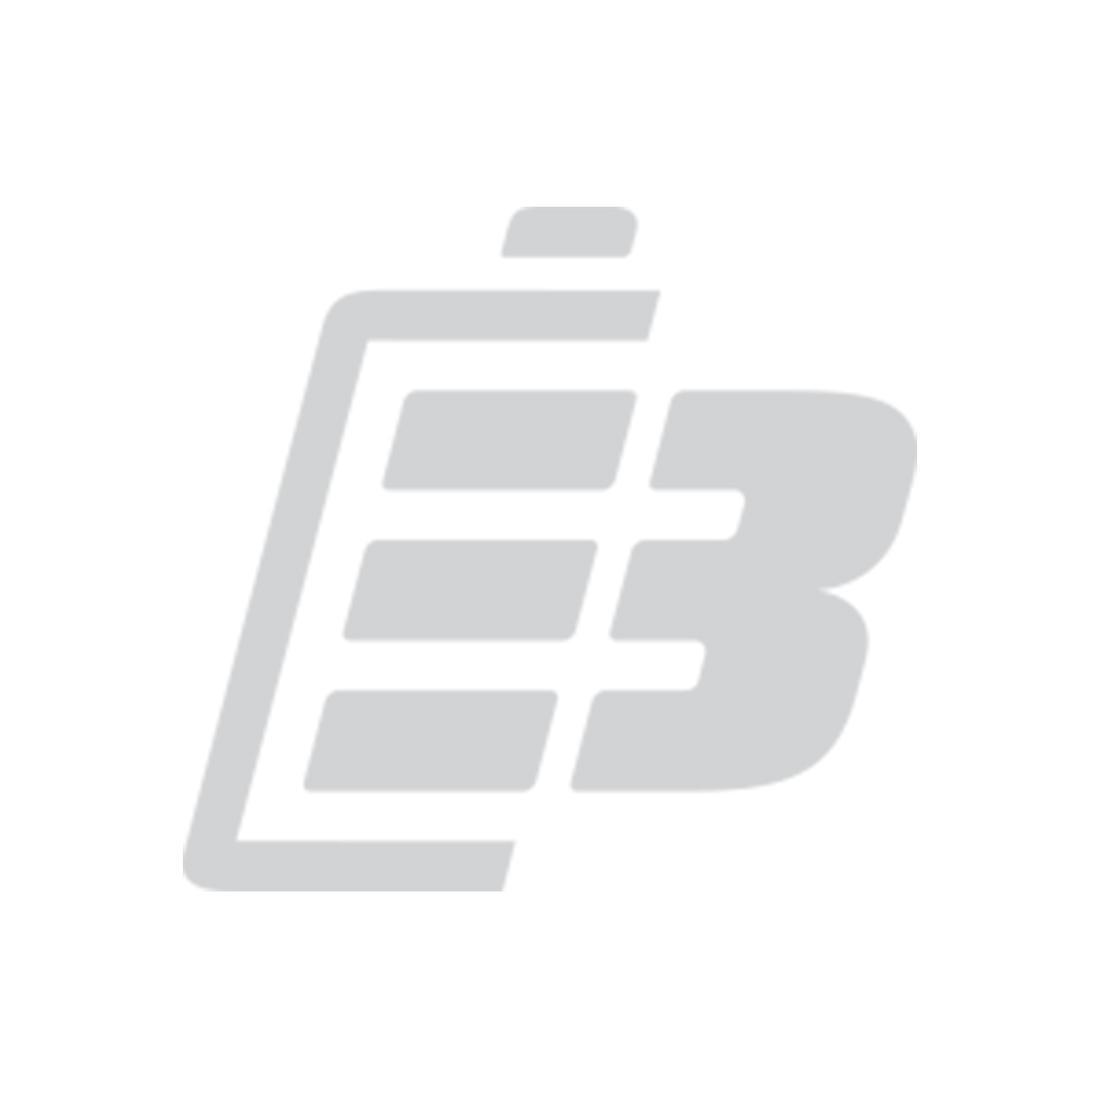 CSB Lead Acid Battery HR1221W 12v 5ah